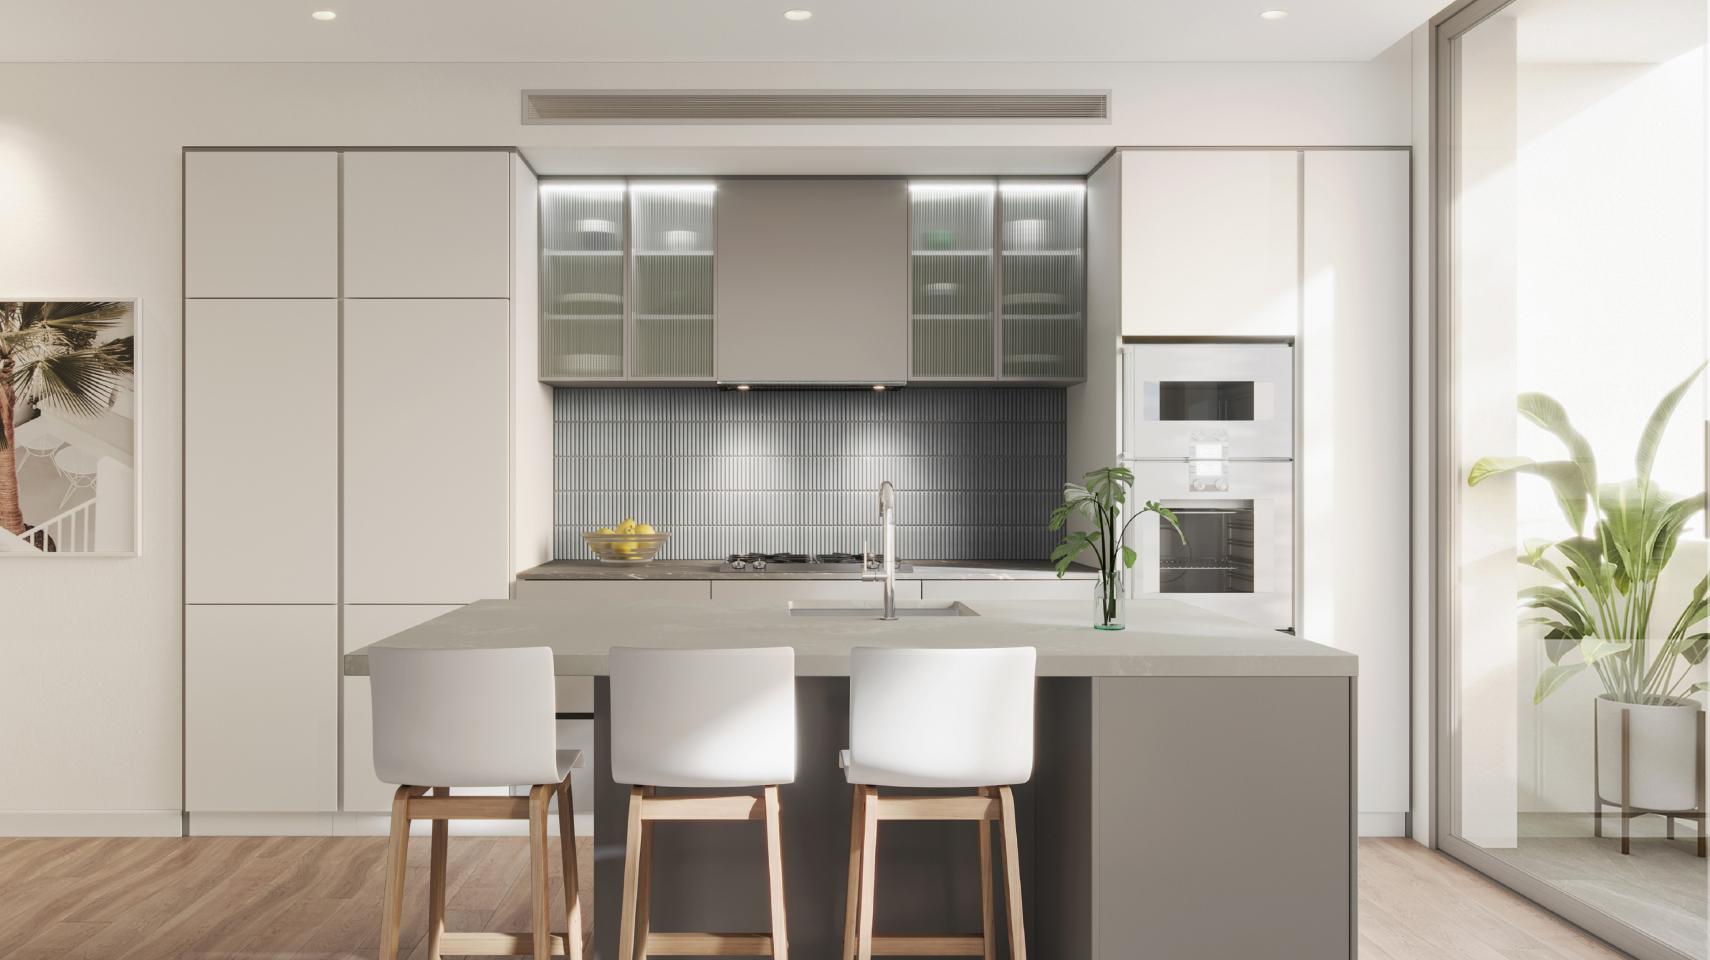 acqua kitchen design